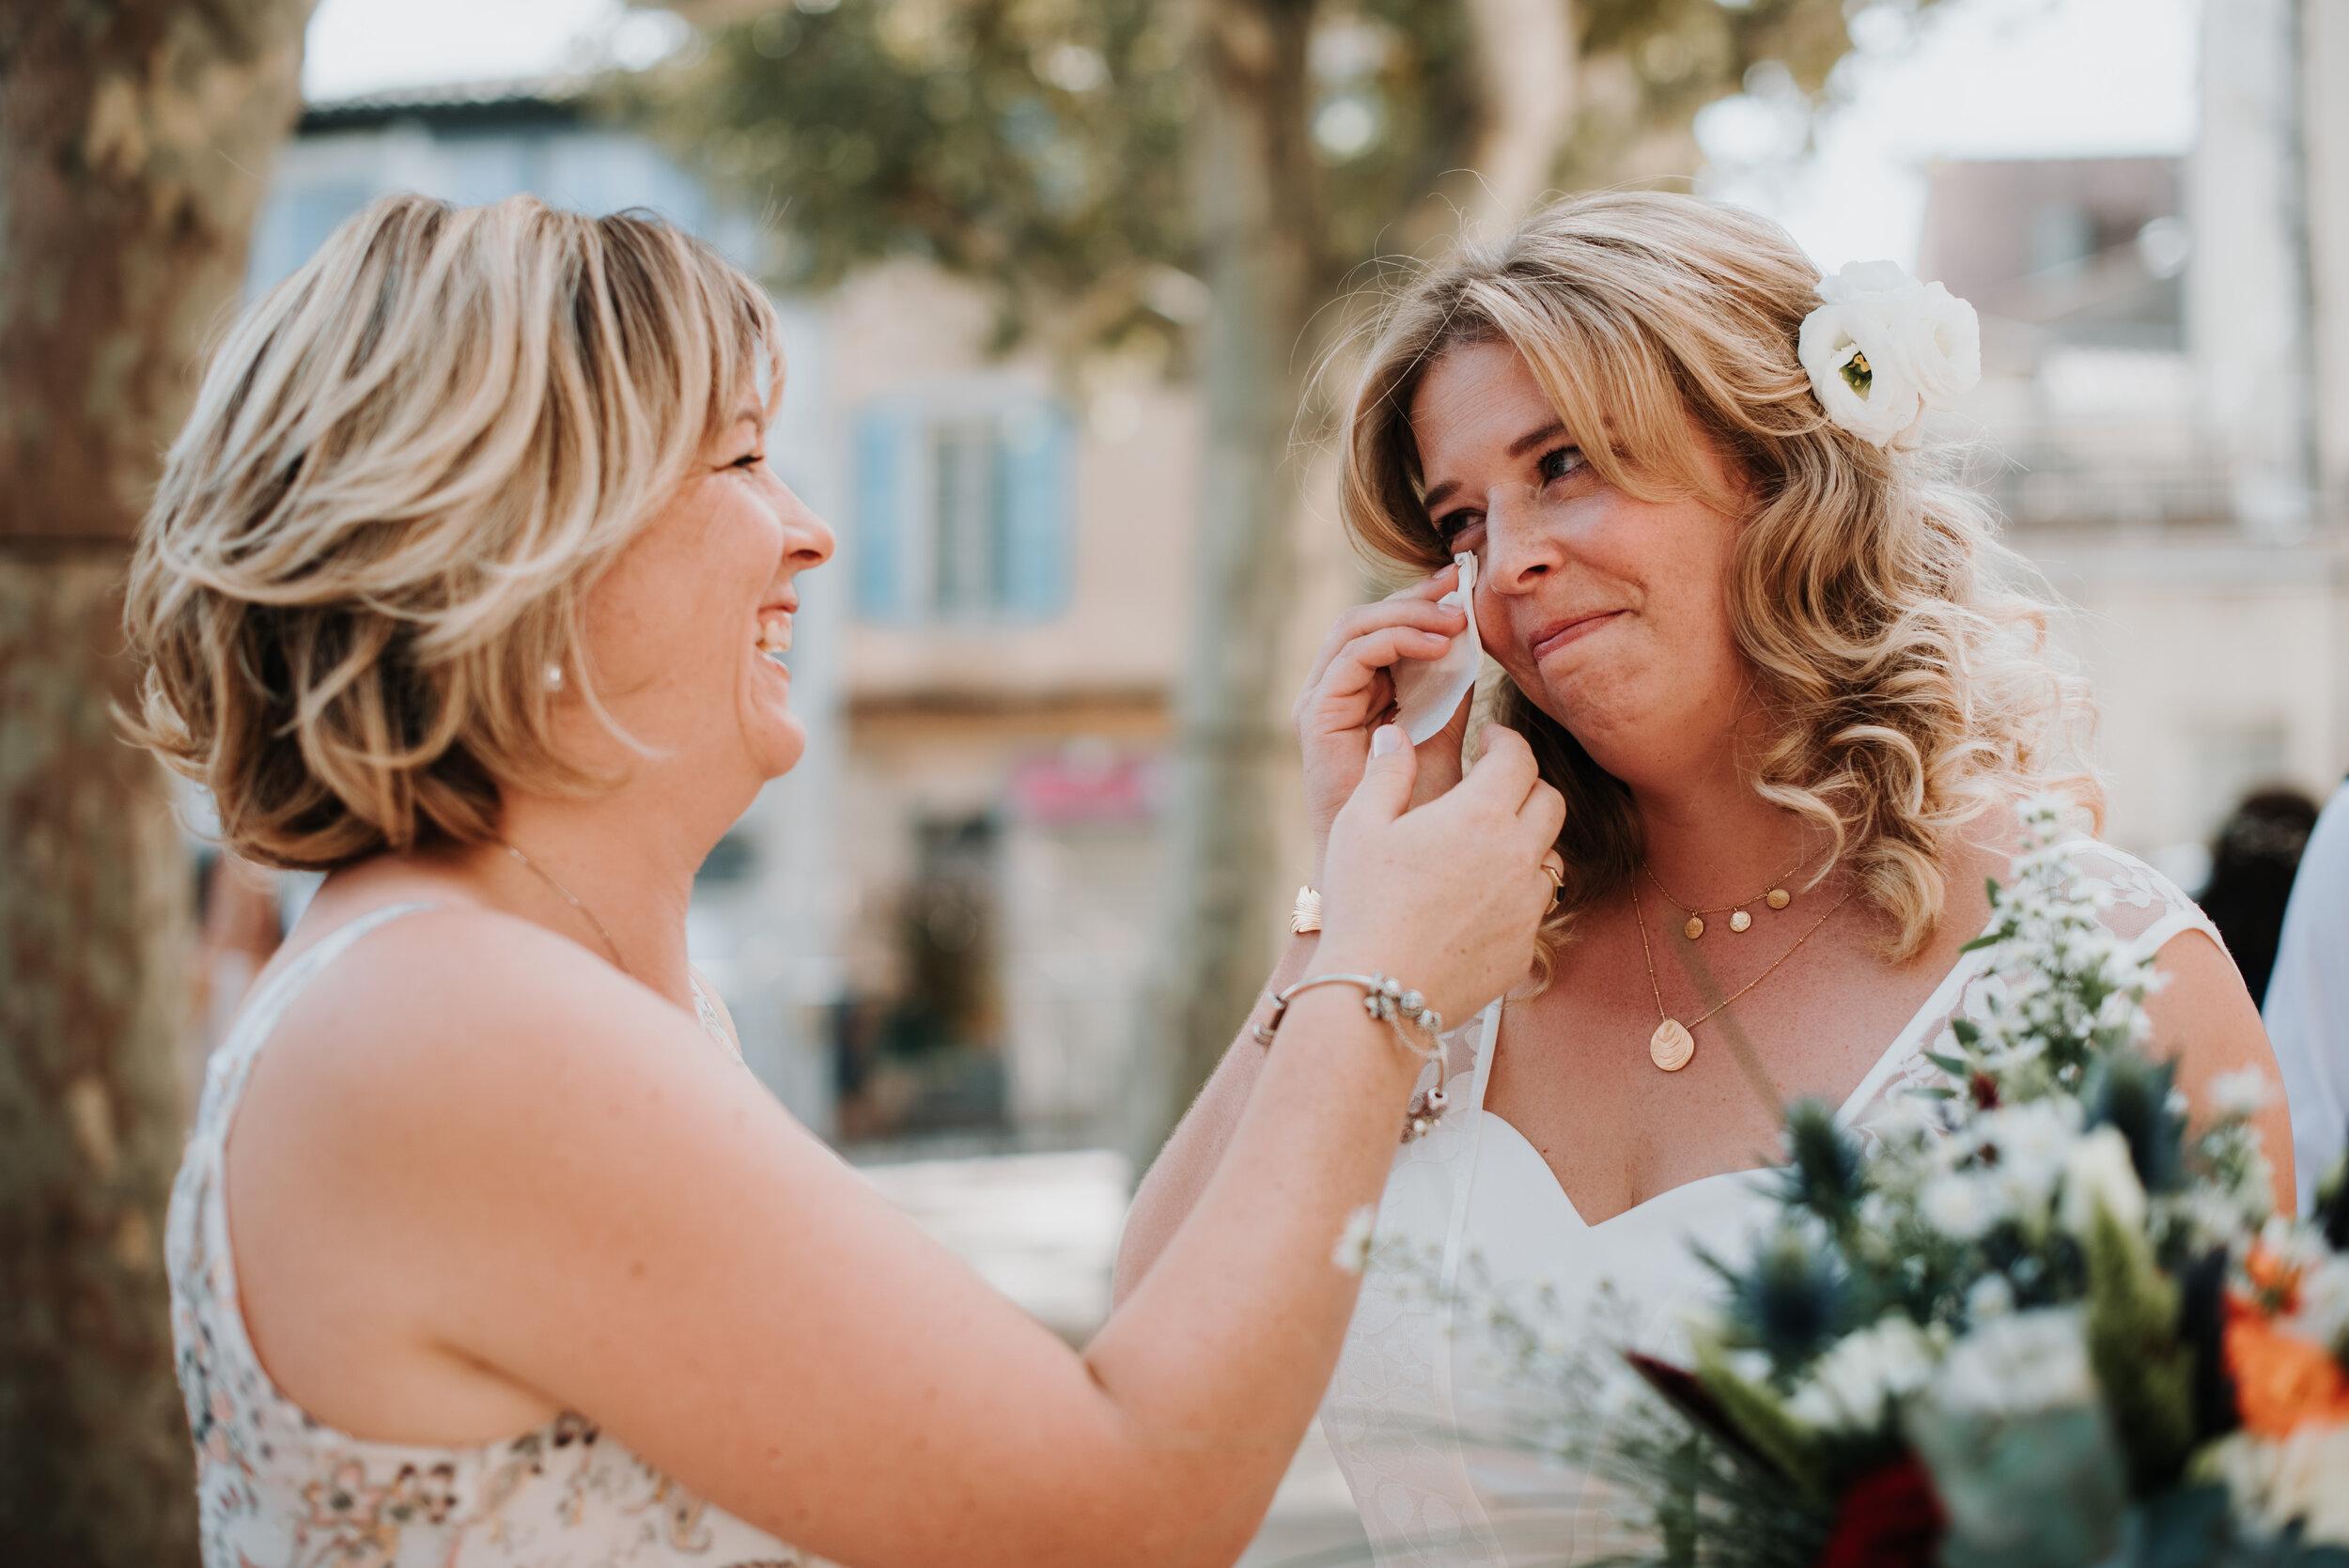 Léa-Fery-photographe-professionnel-Bretagne-portrait-creation-mariage-evenement-evenementiel-famille-3413.jpg